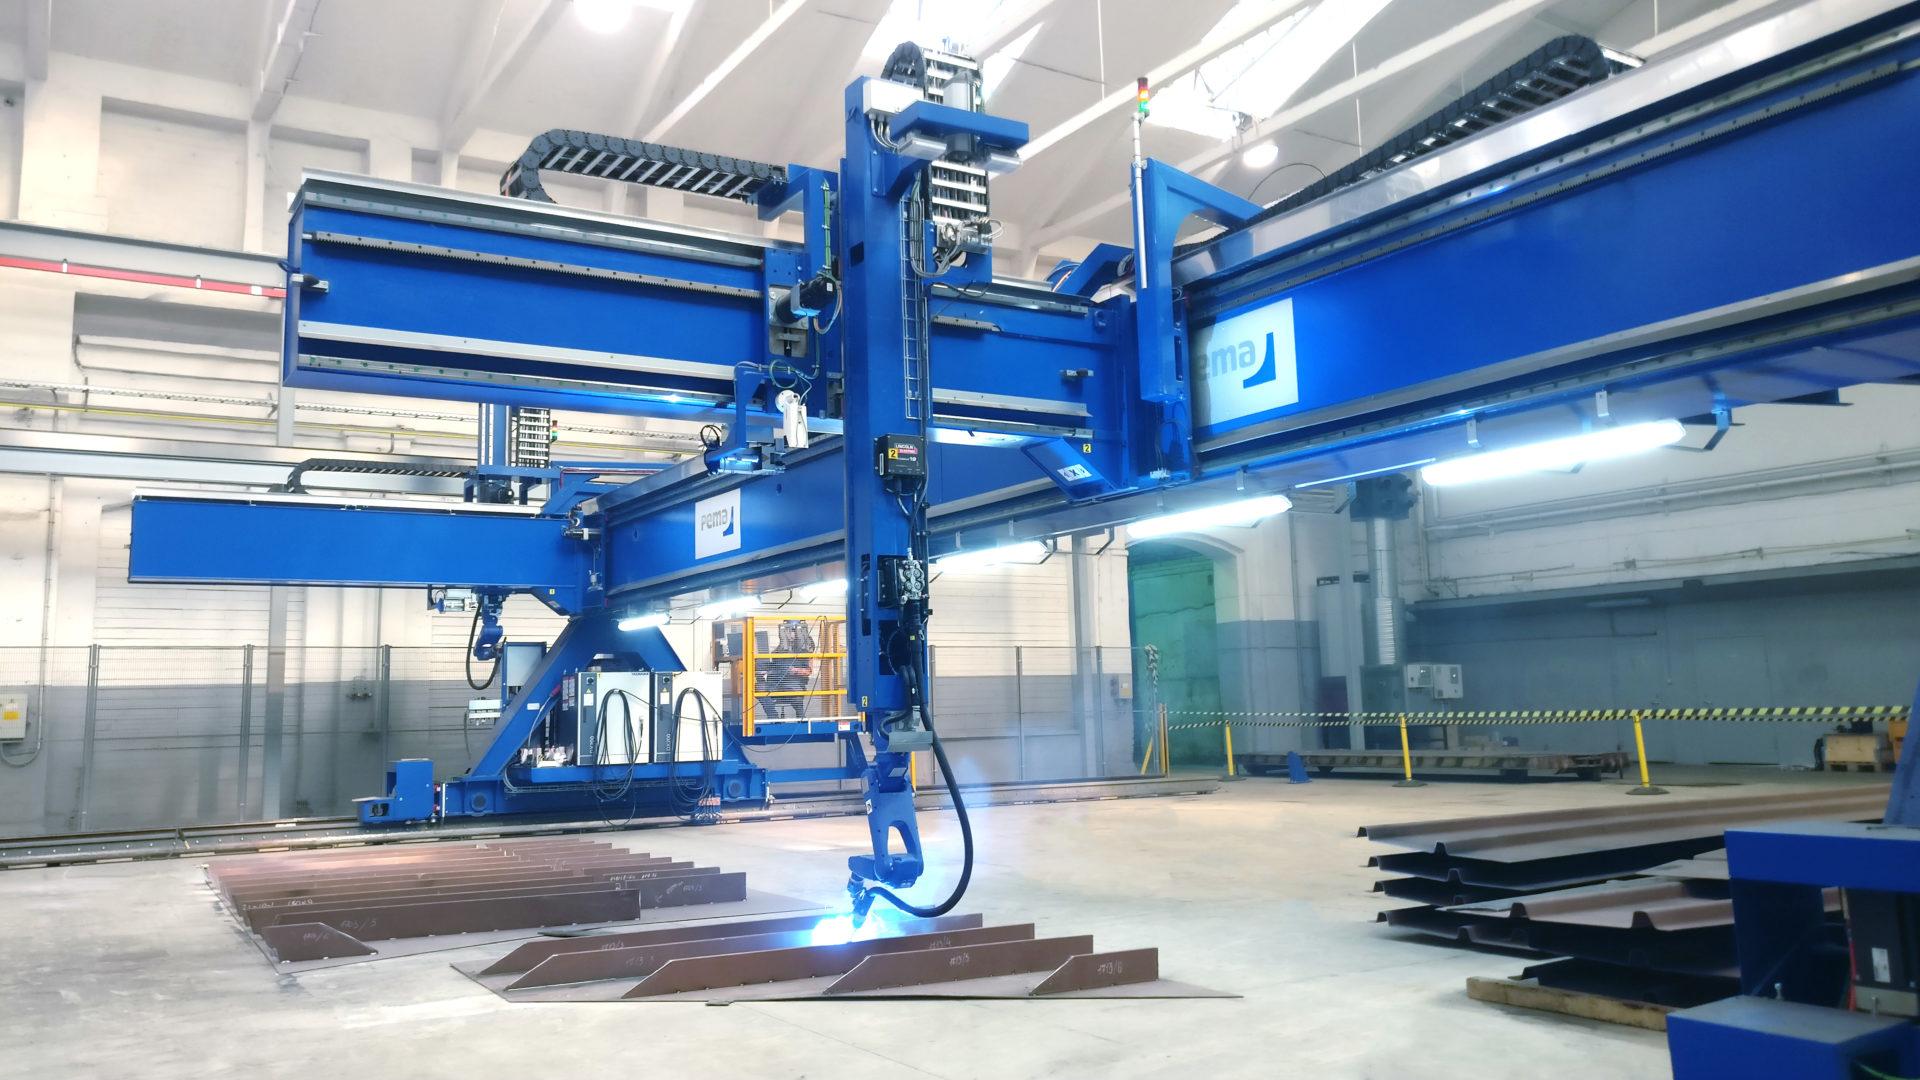 robotic welding for shipbuilding